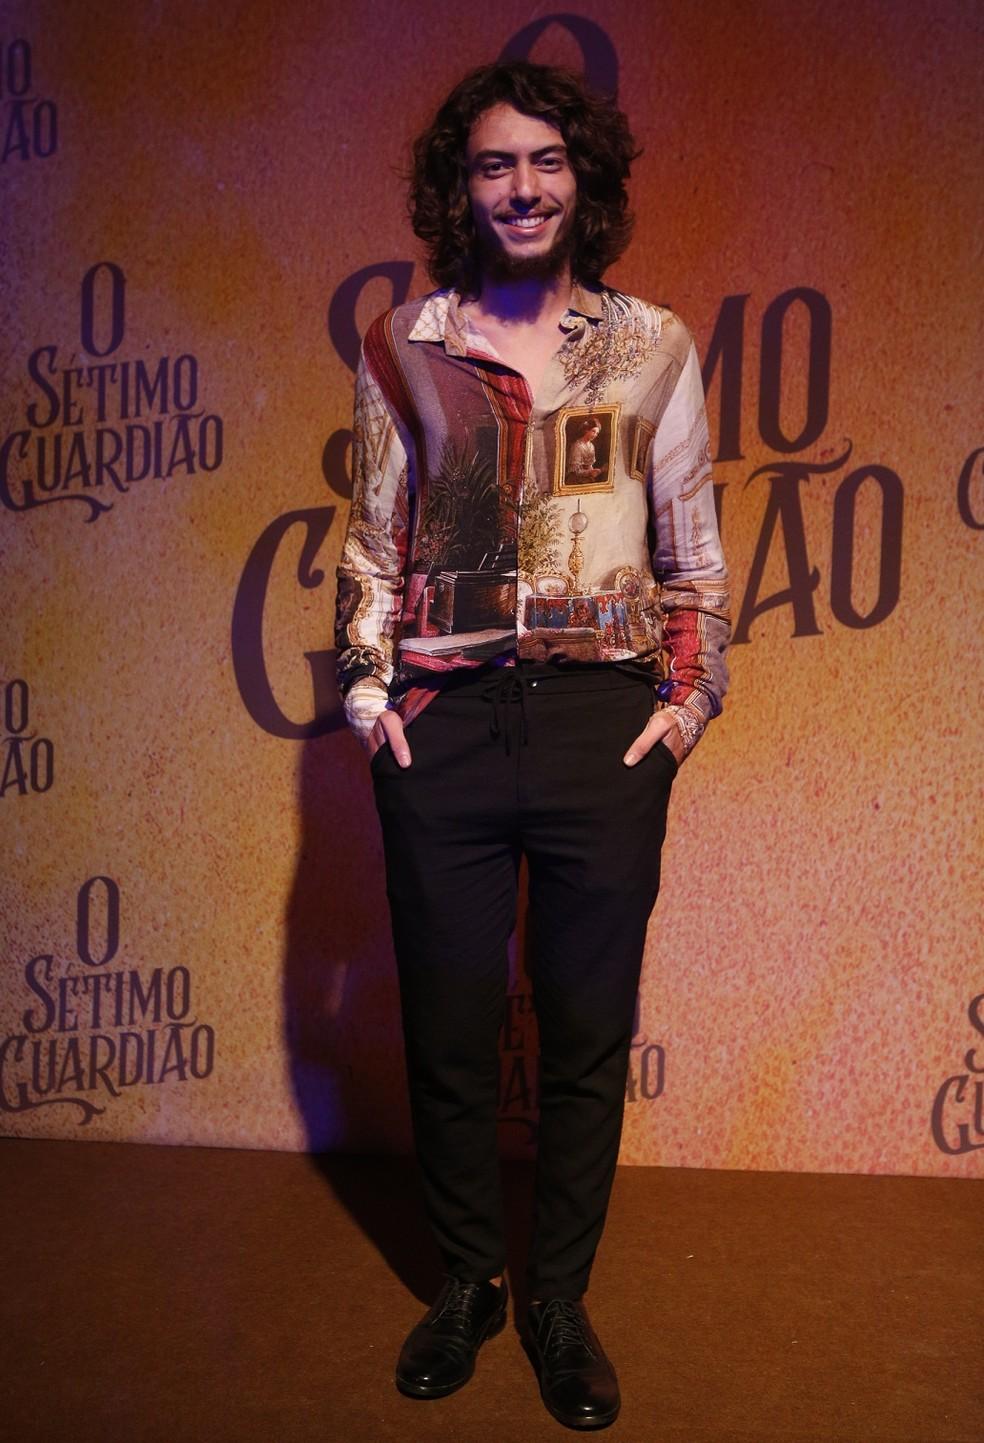 Jaffar Bambirra será Leonardo em 'O Sétimo Guardião' — Foto: Fabiano Battaglin/Gshoiw